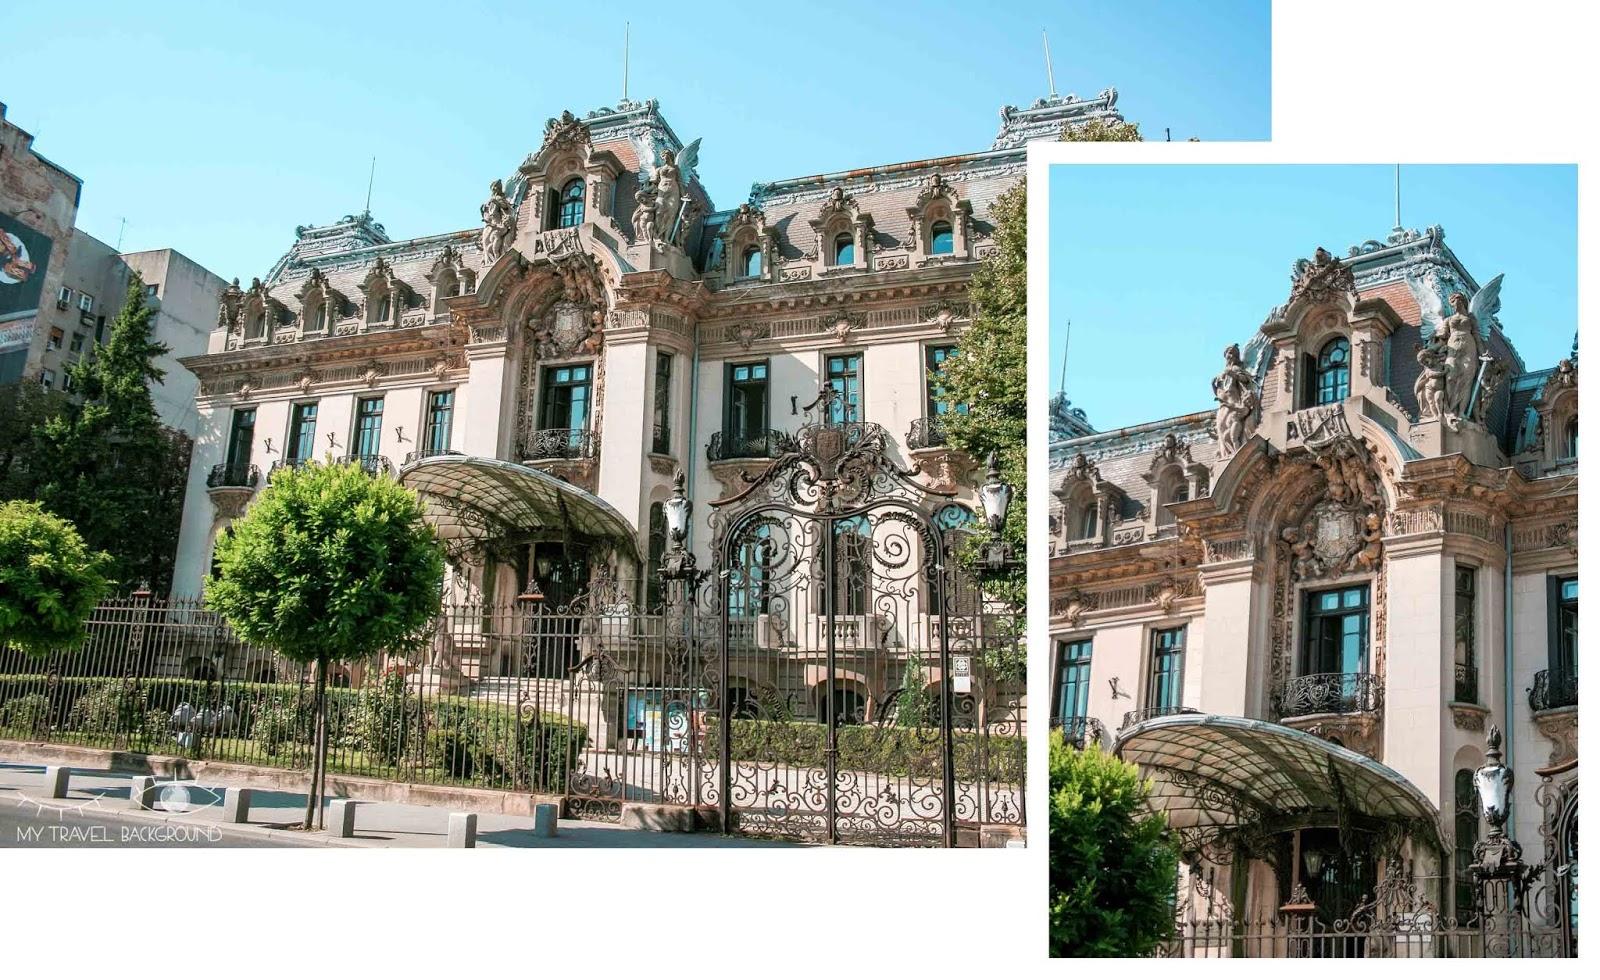 My Travel Background : 3 jours à Bucarest en Roumanie - Musée National George Enescu